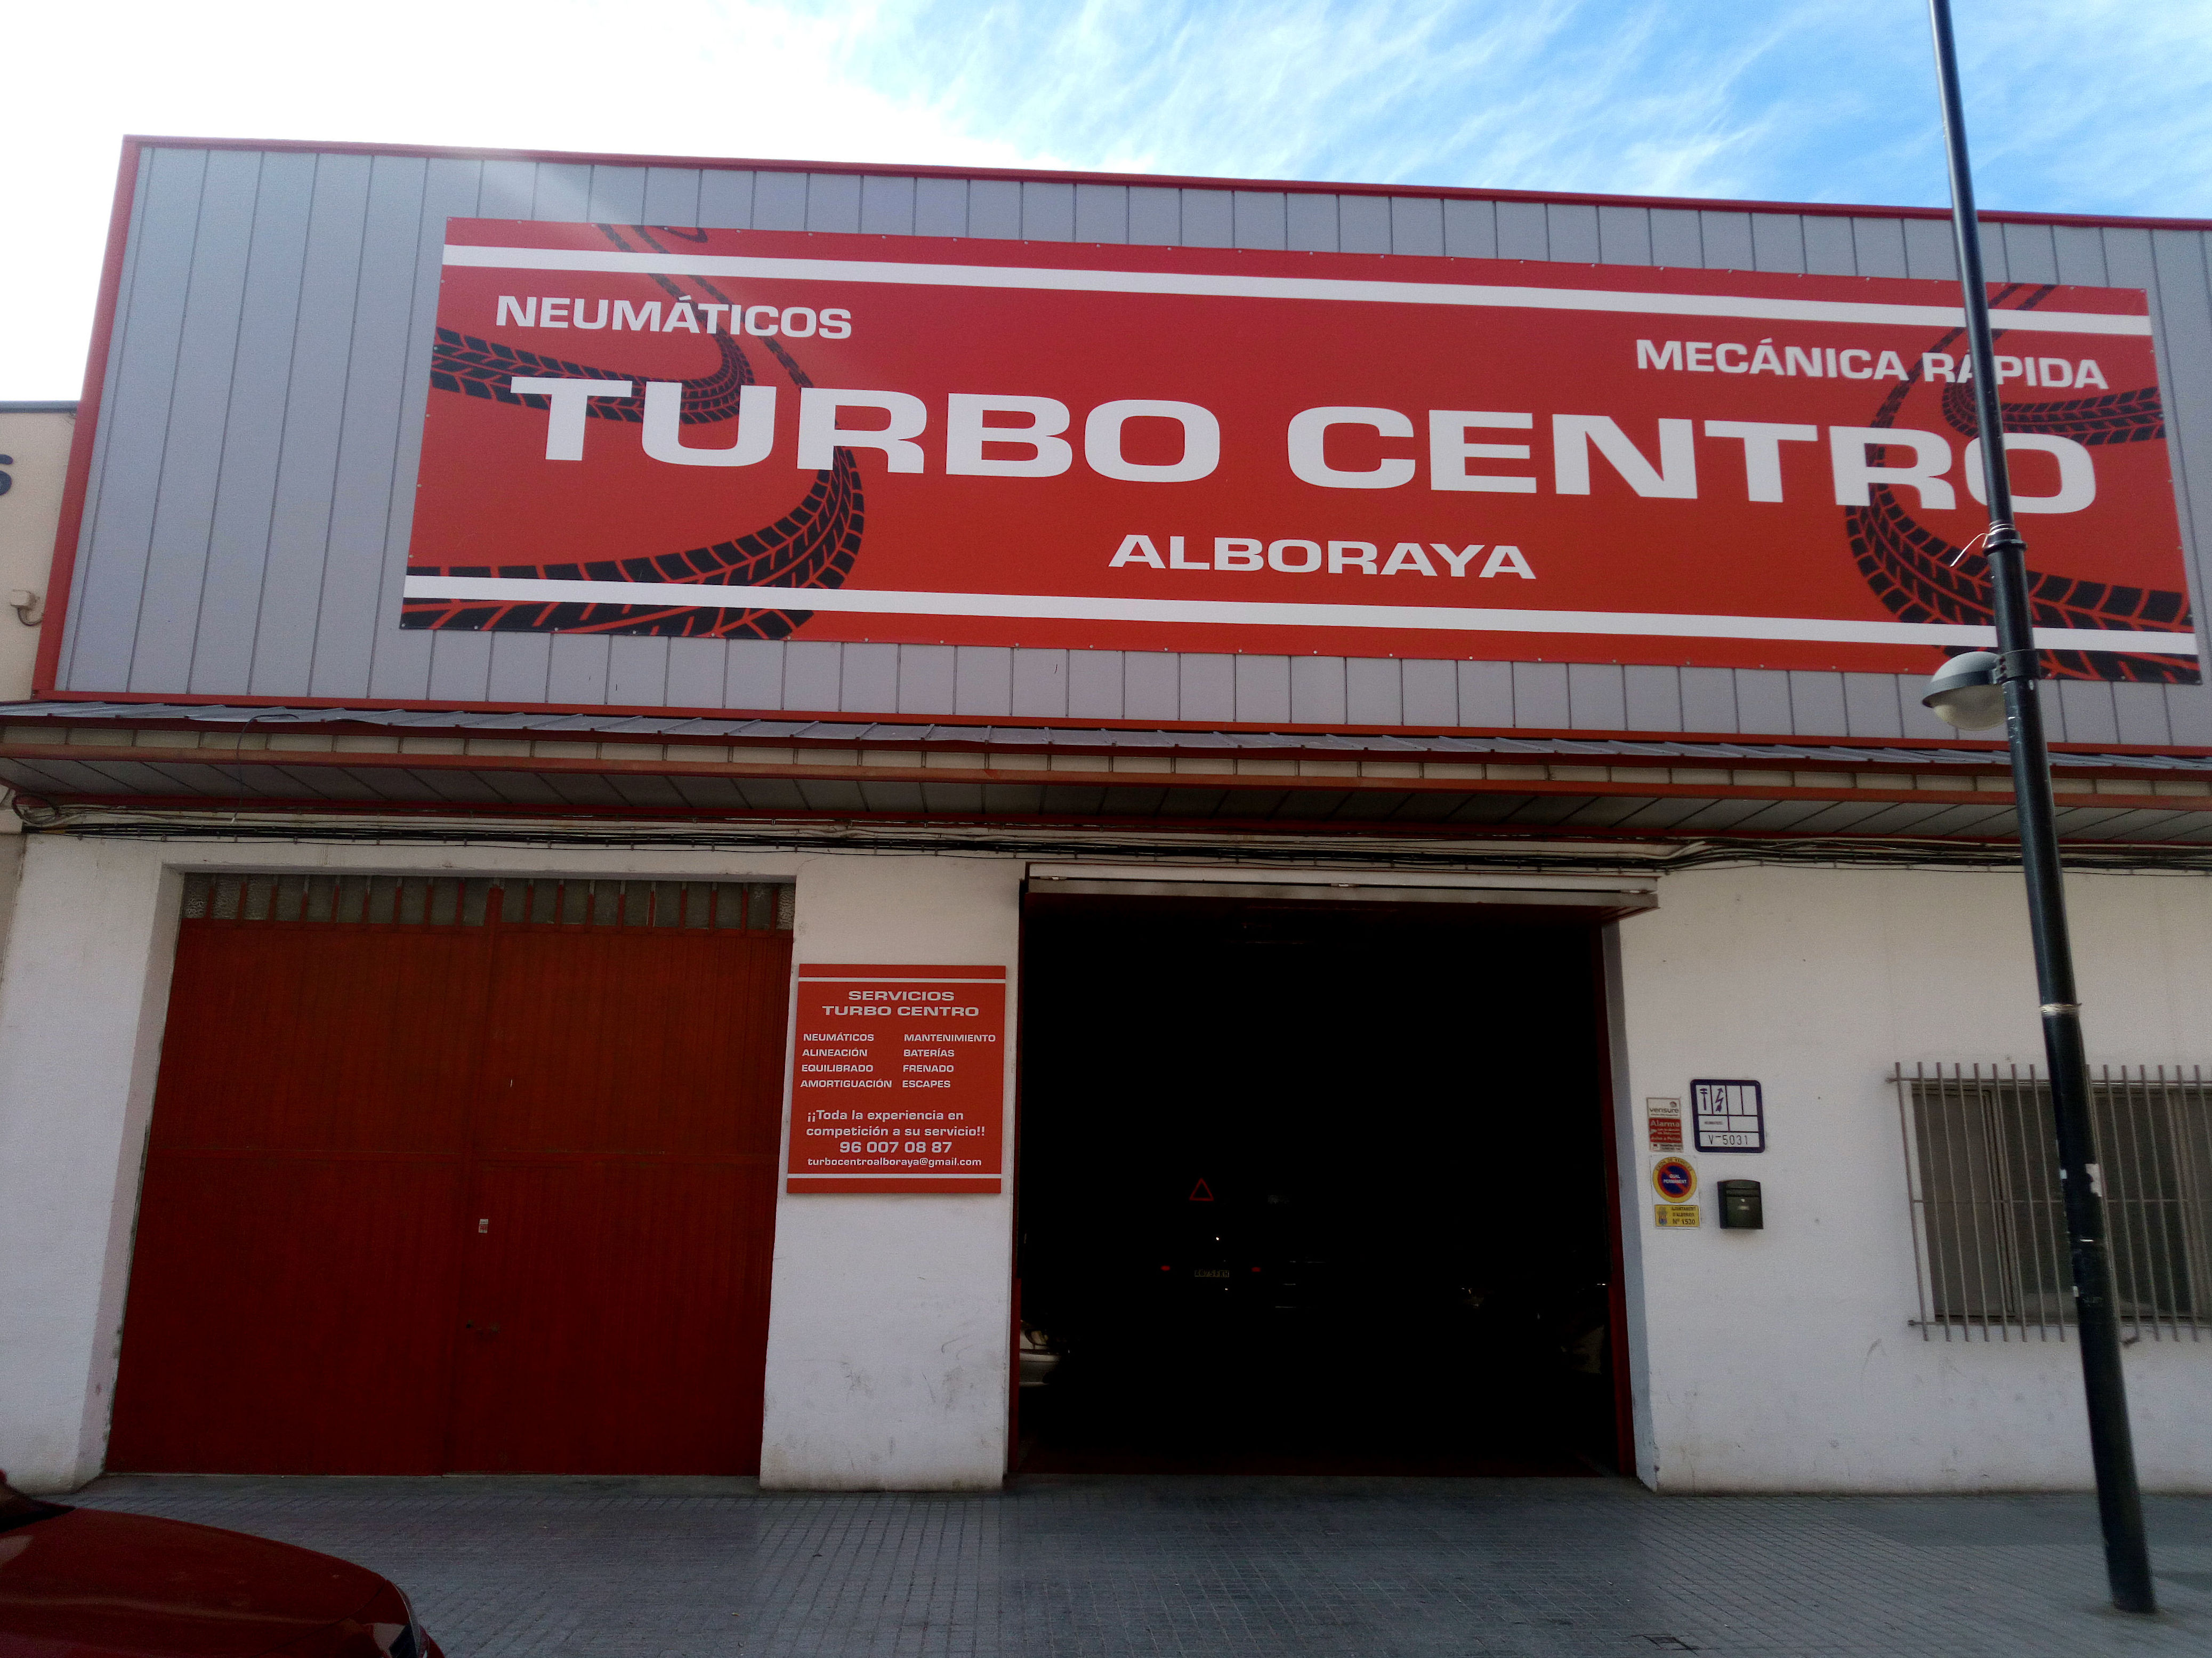 Taller mecánico en Alboraya